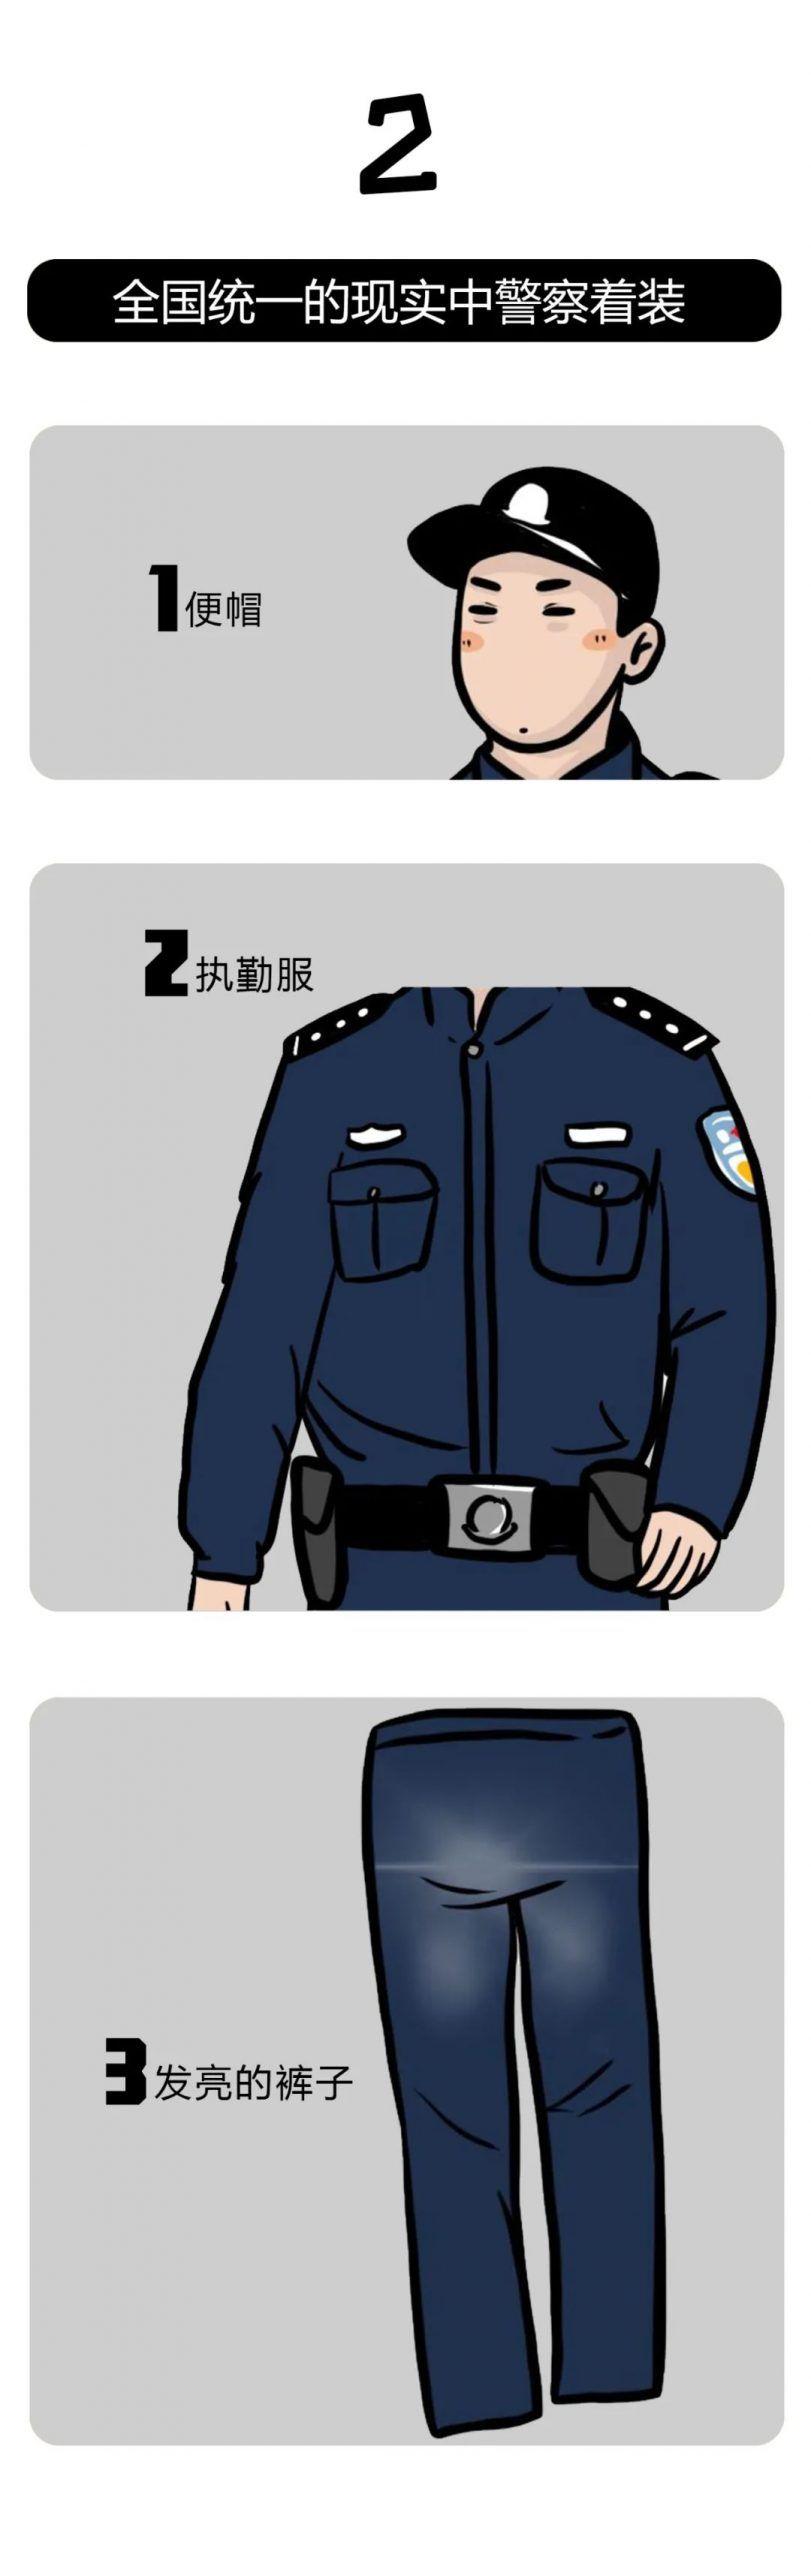 2020全国警察统一行为图鉴